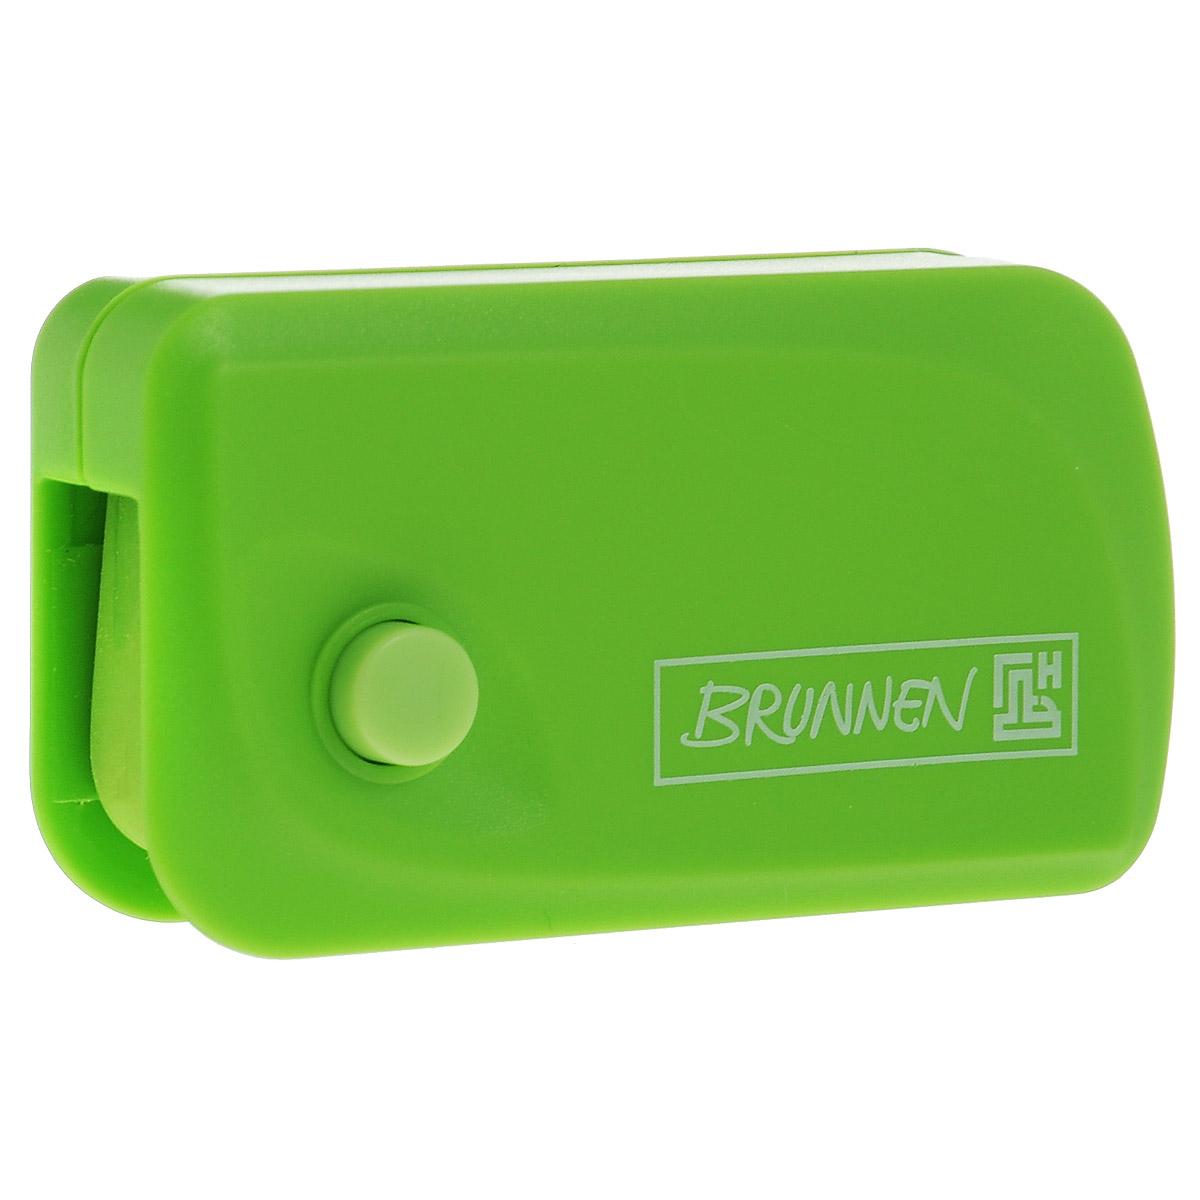 Автоматический ластик Brunnen Клик станет незаменимым аксессуаром на рабочем столе не только школьника или студента, но и офисного работника. Ластик в пластиковом прямоугольном корпусе зеленого цвета. На корпусе имеются отверстия для подвесок и брелоков. Ластик выдвигается из корпуса с приятным приглушенным щелчком (сбоку на корпусе есть кнопка для выдвижения ластика).Выдвигающийся ластик имеет прямоугольную форму со слегка закругленным одним краем.